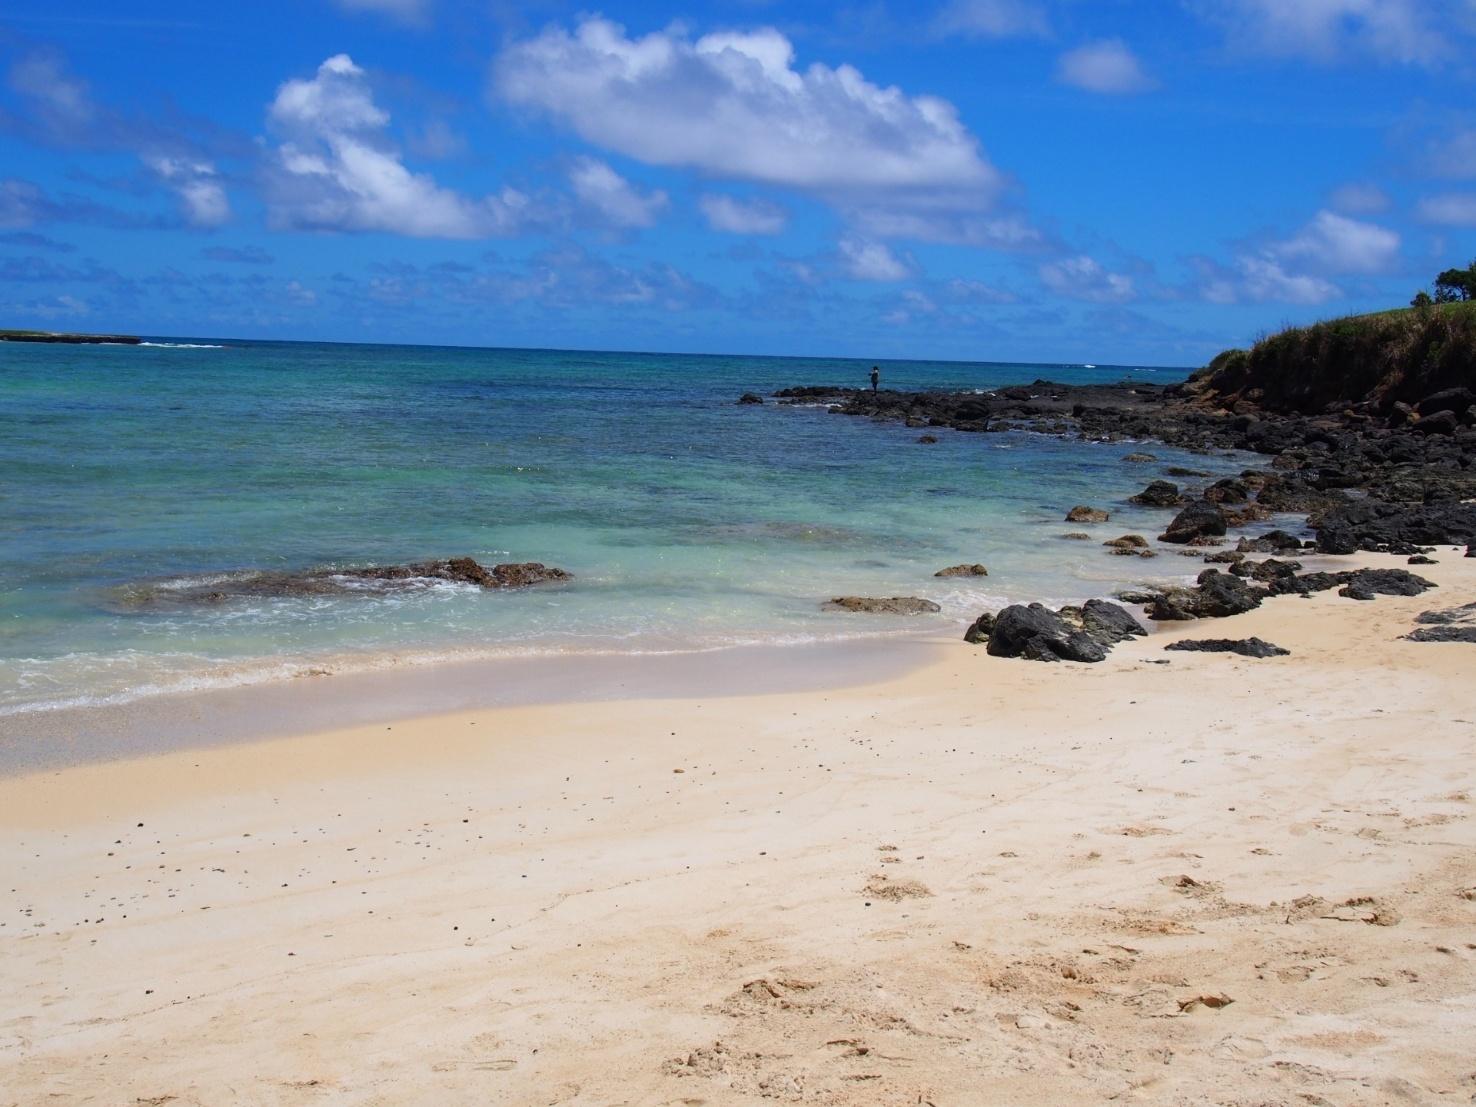 《ハワイ♥》ここは絶対に行くべき!おすすめグルメPart2・ω・_3